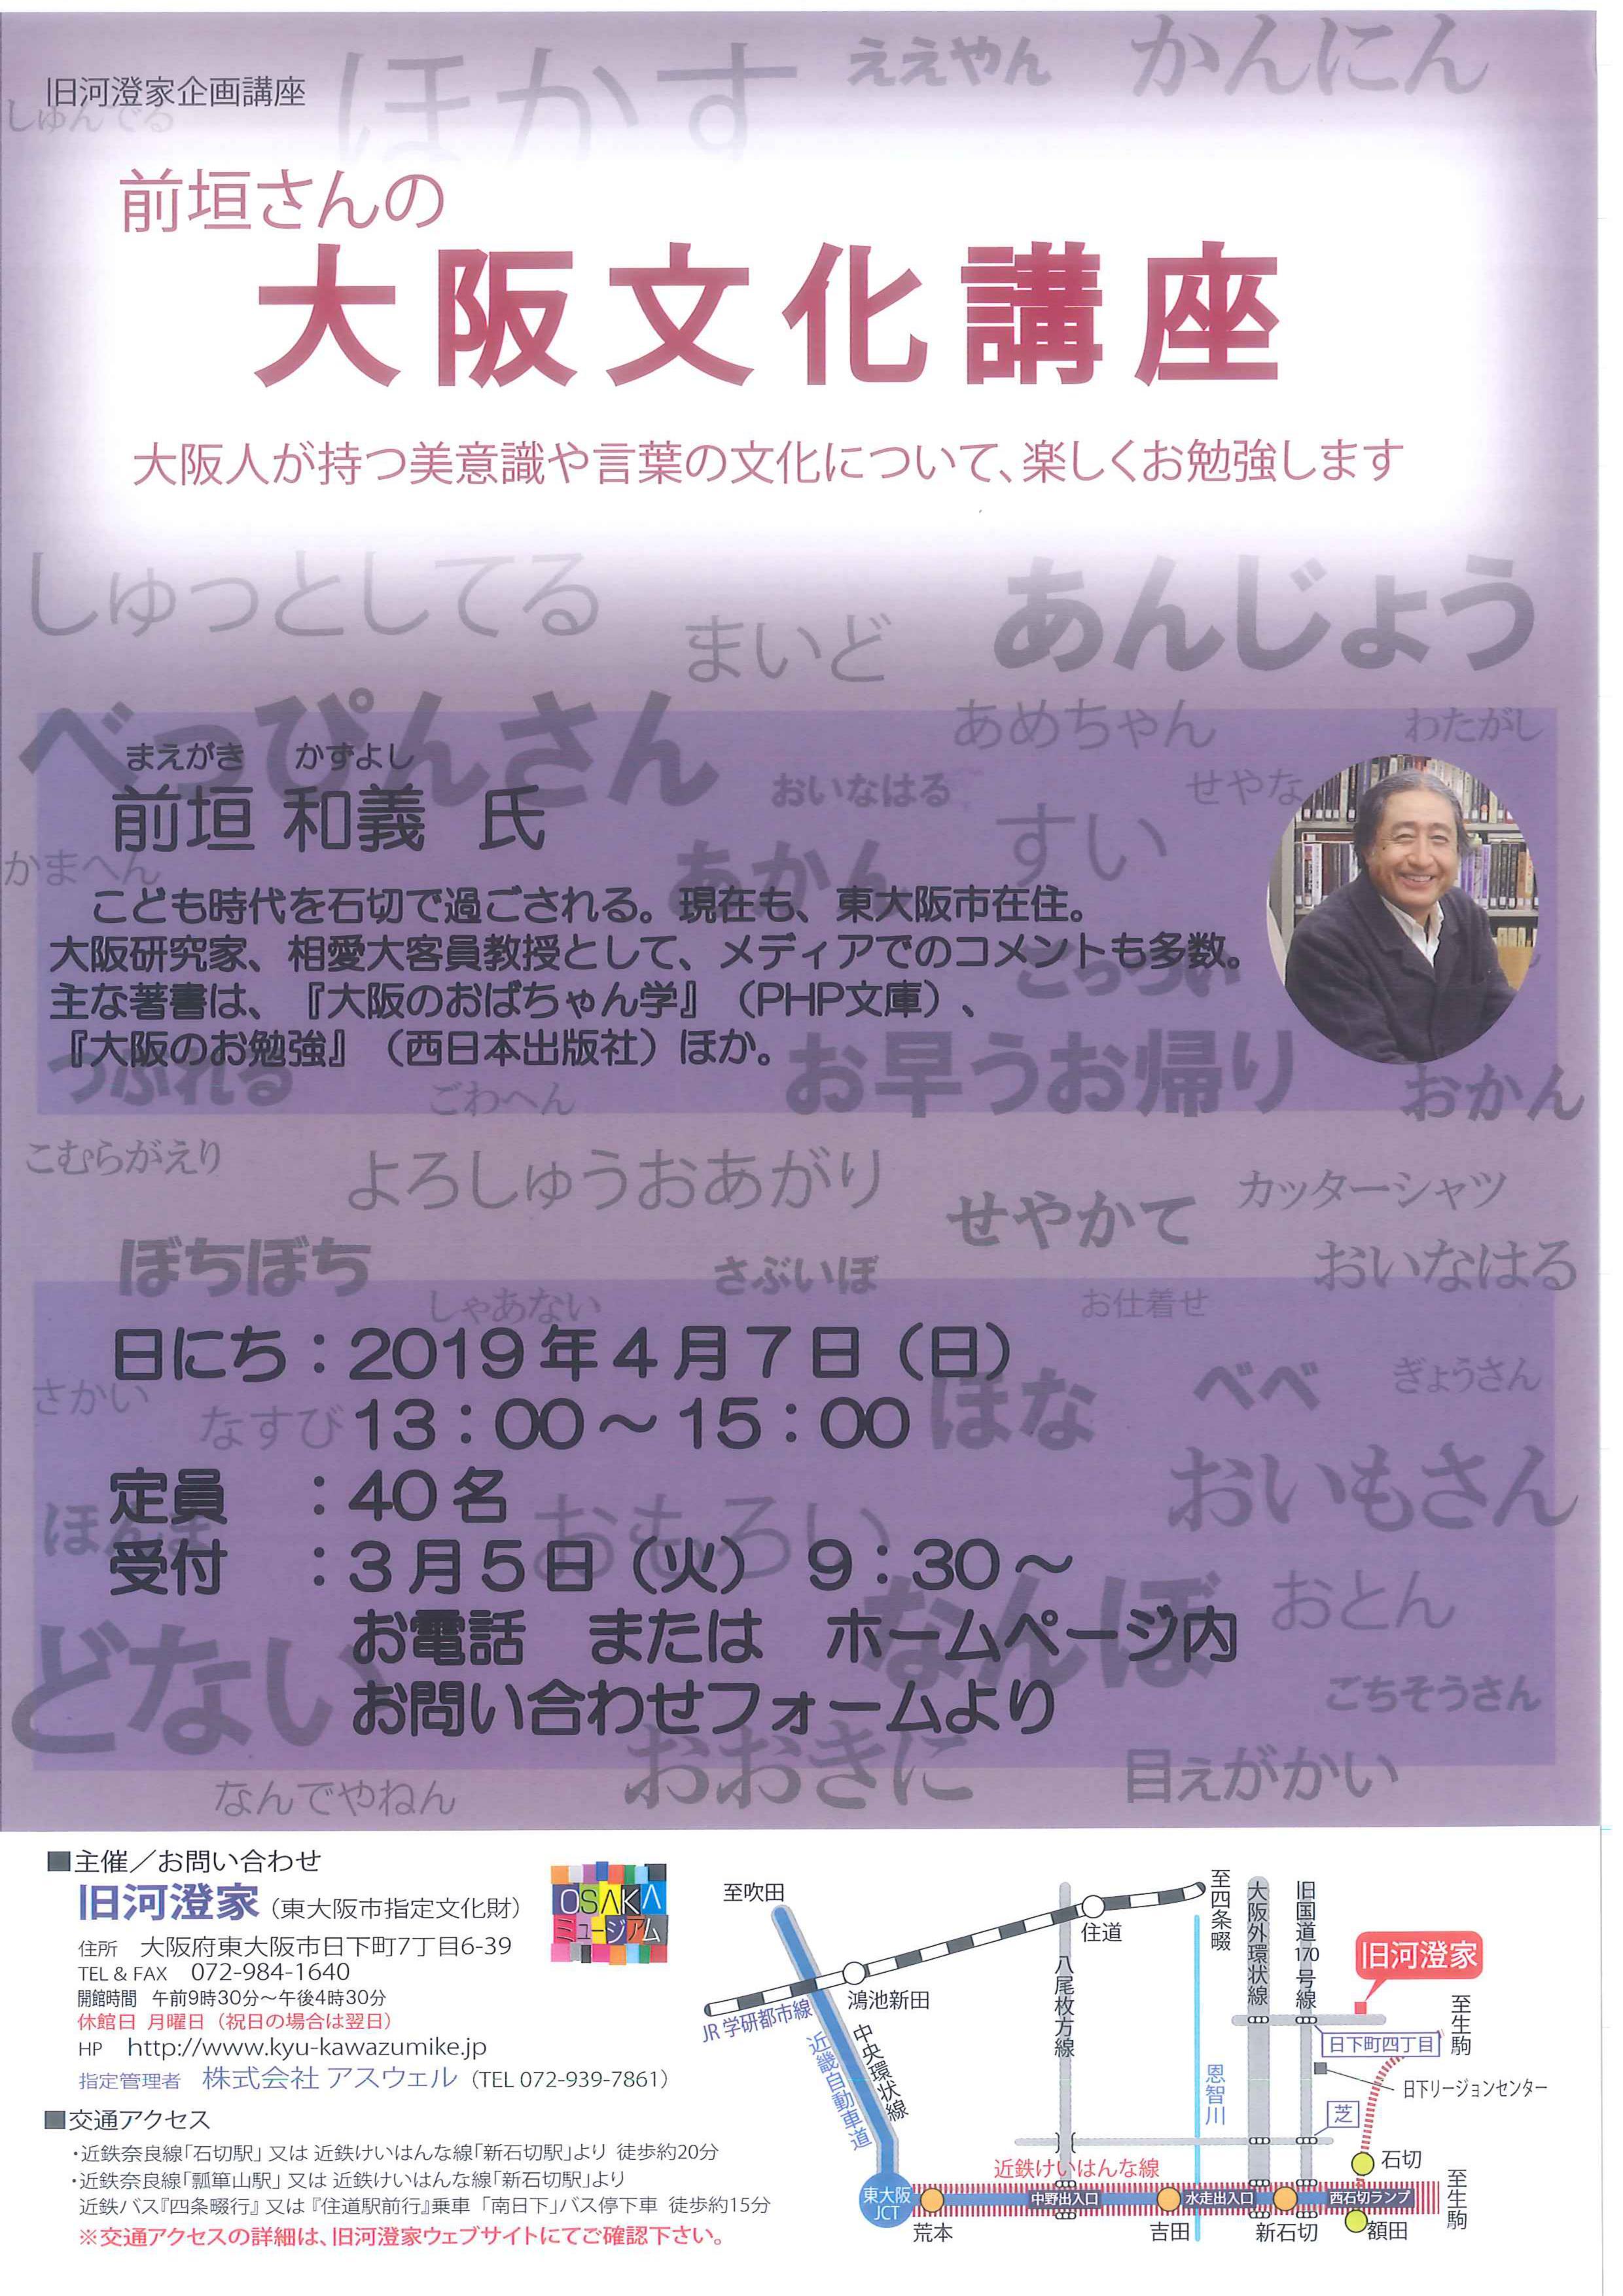 「大阪文化講座」2019年4月7日(日)